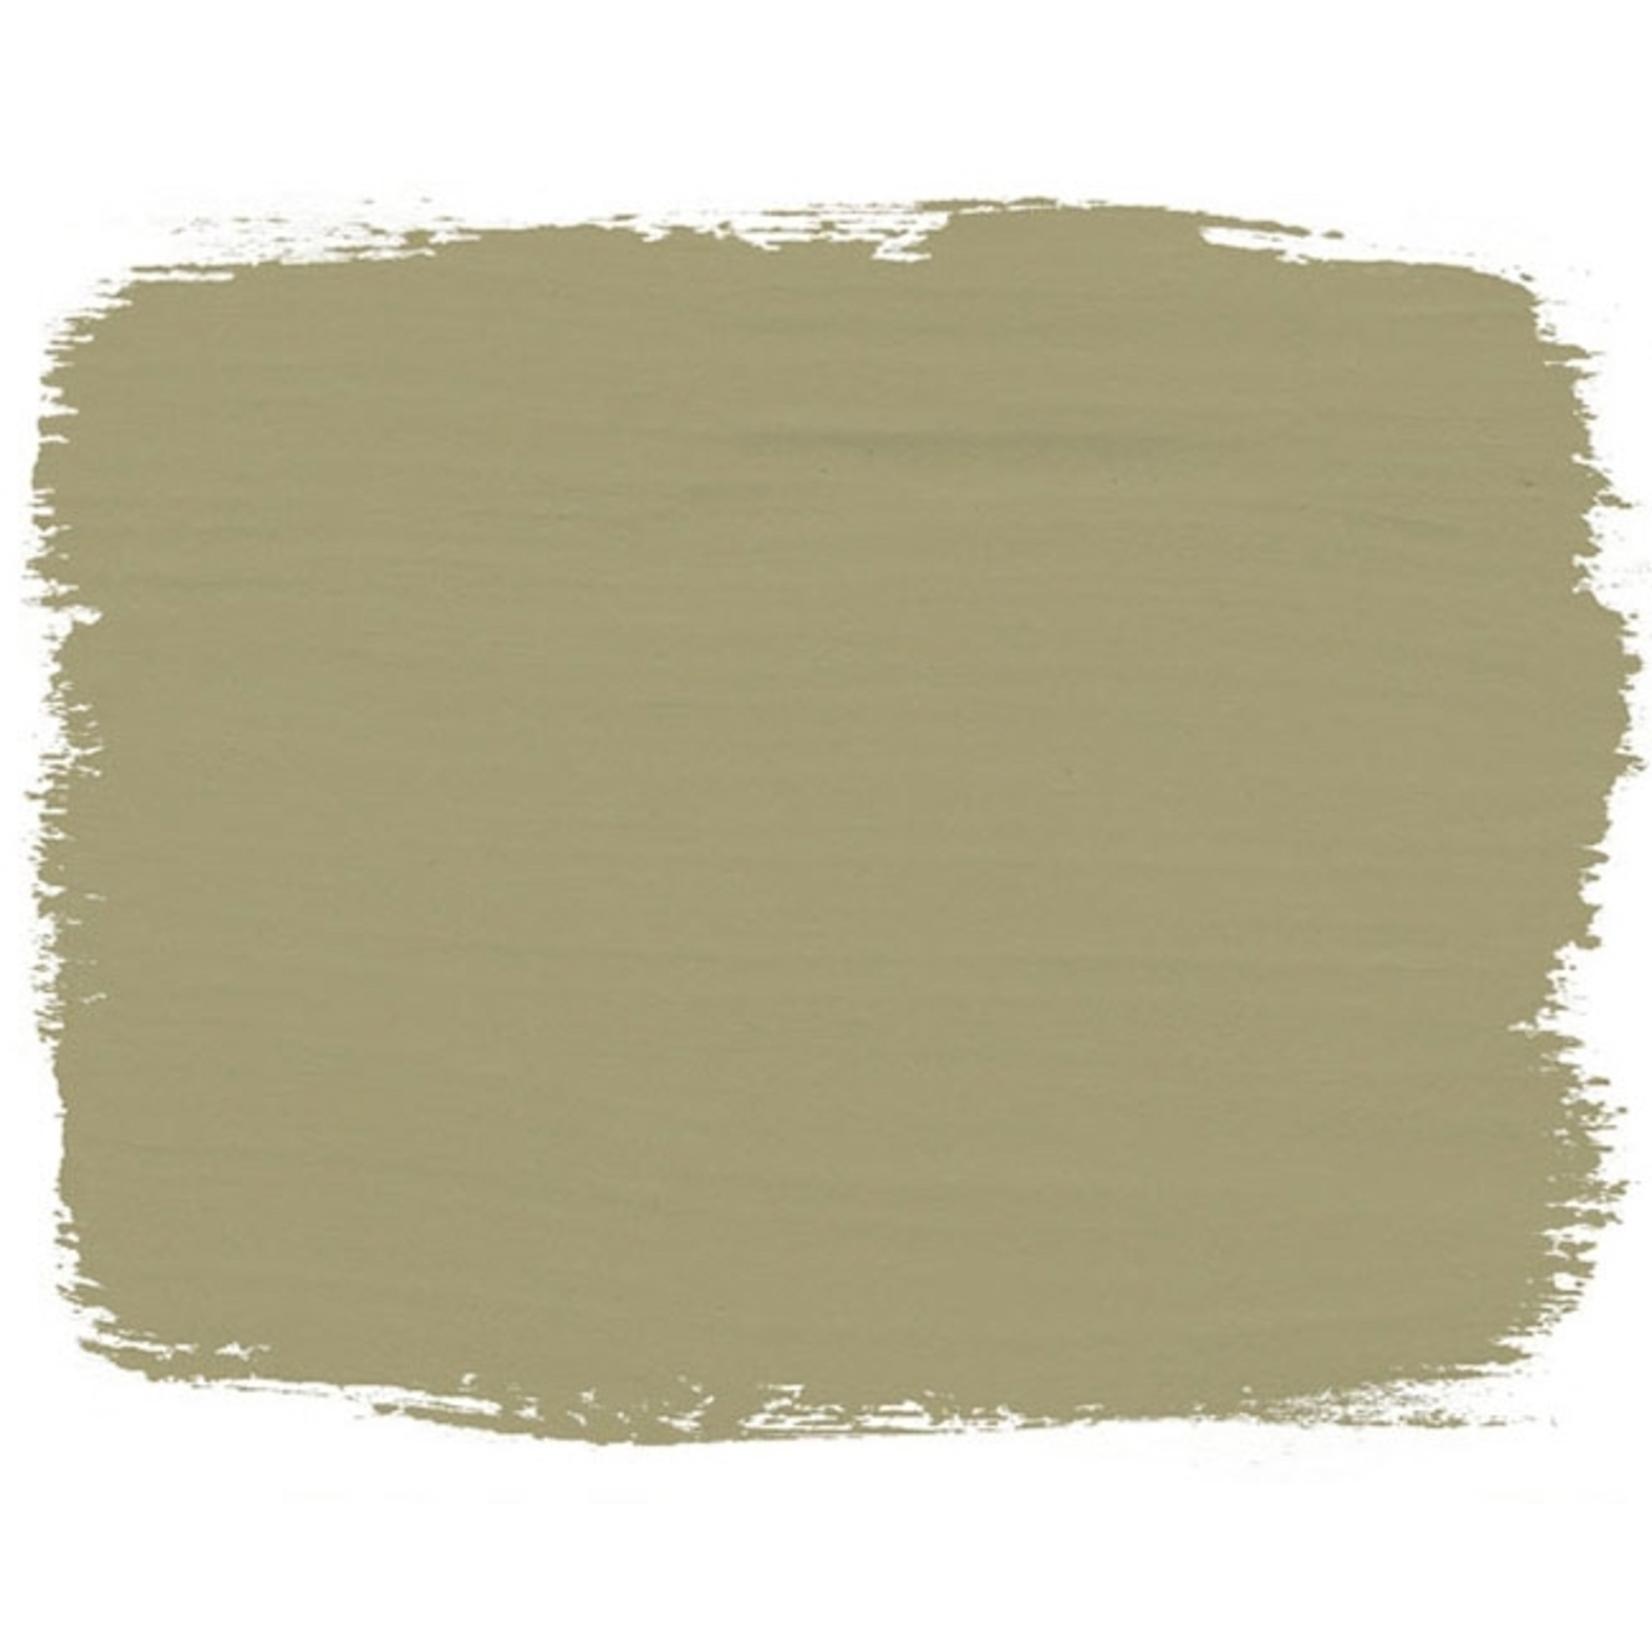 Annie Sloan Annie Sloan Chateau Grey Chalk Paint